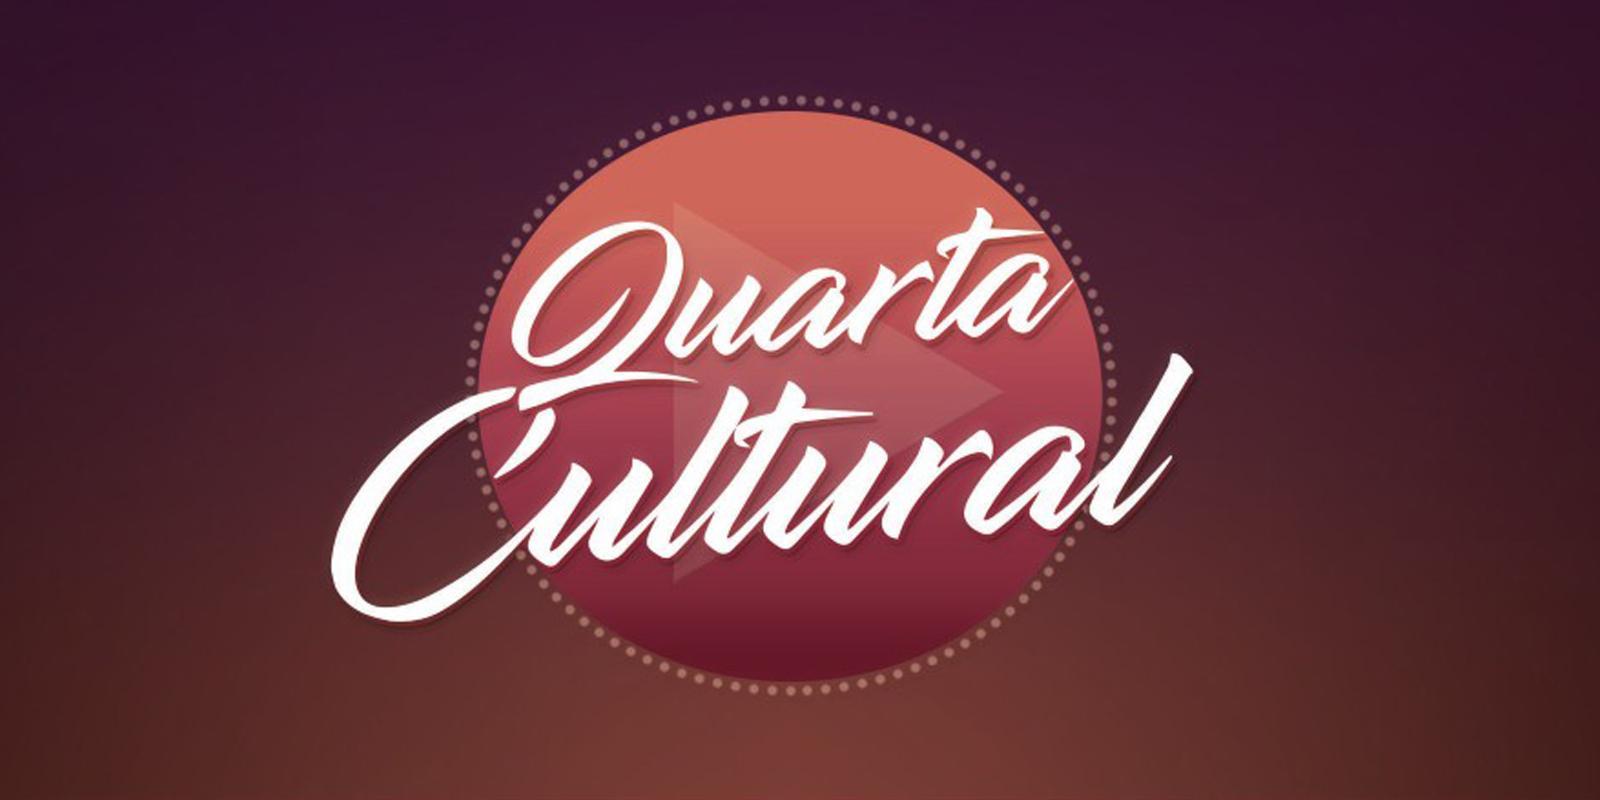 Quarta Cultural abre agenda 2018